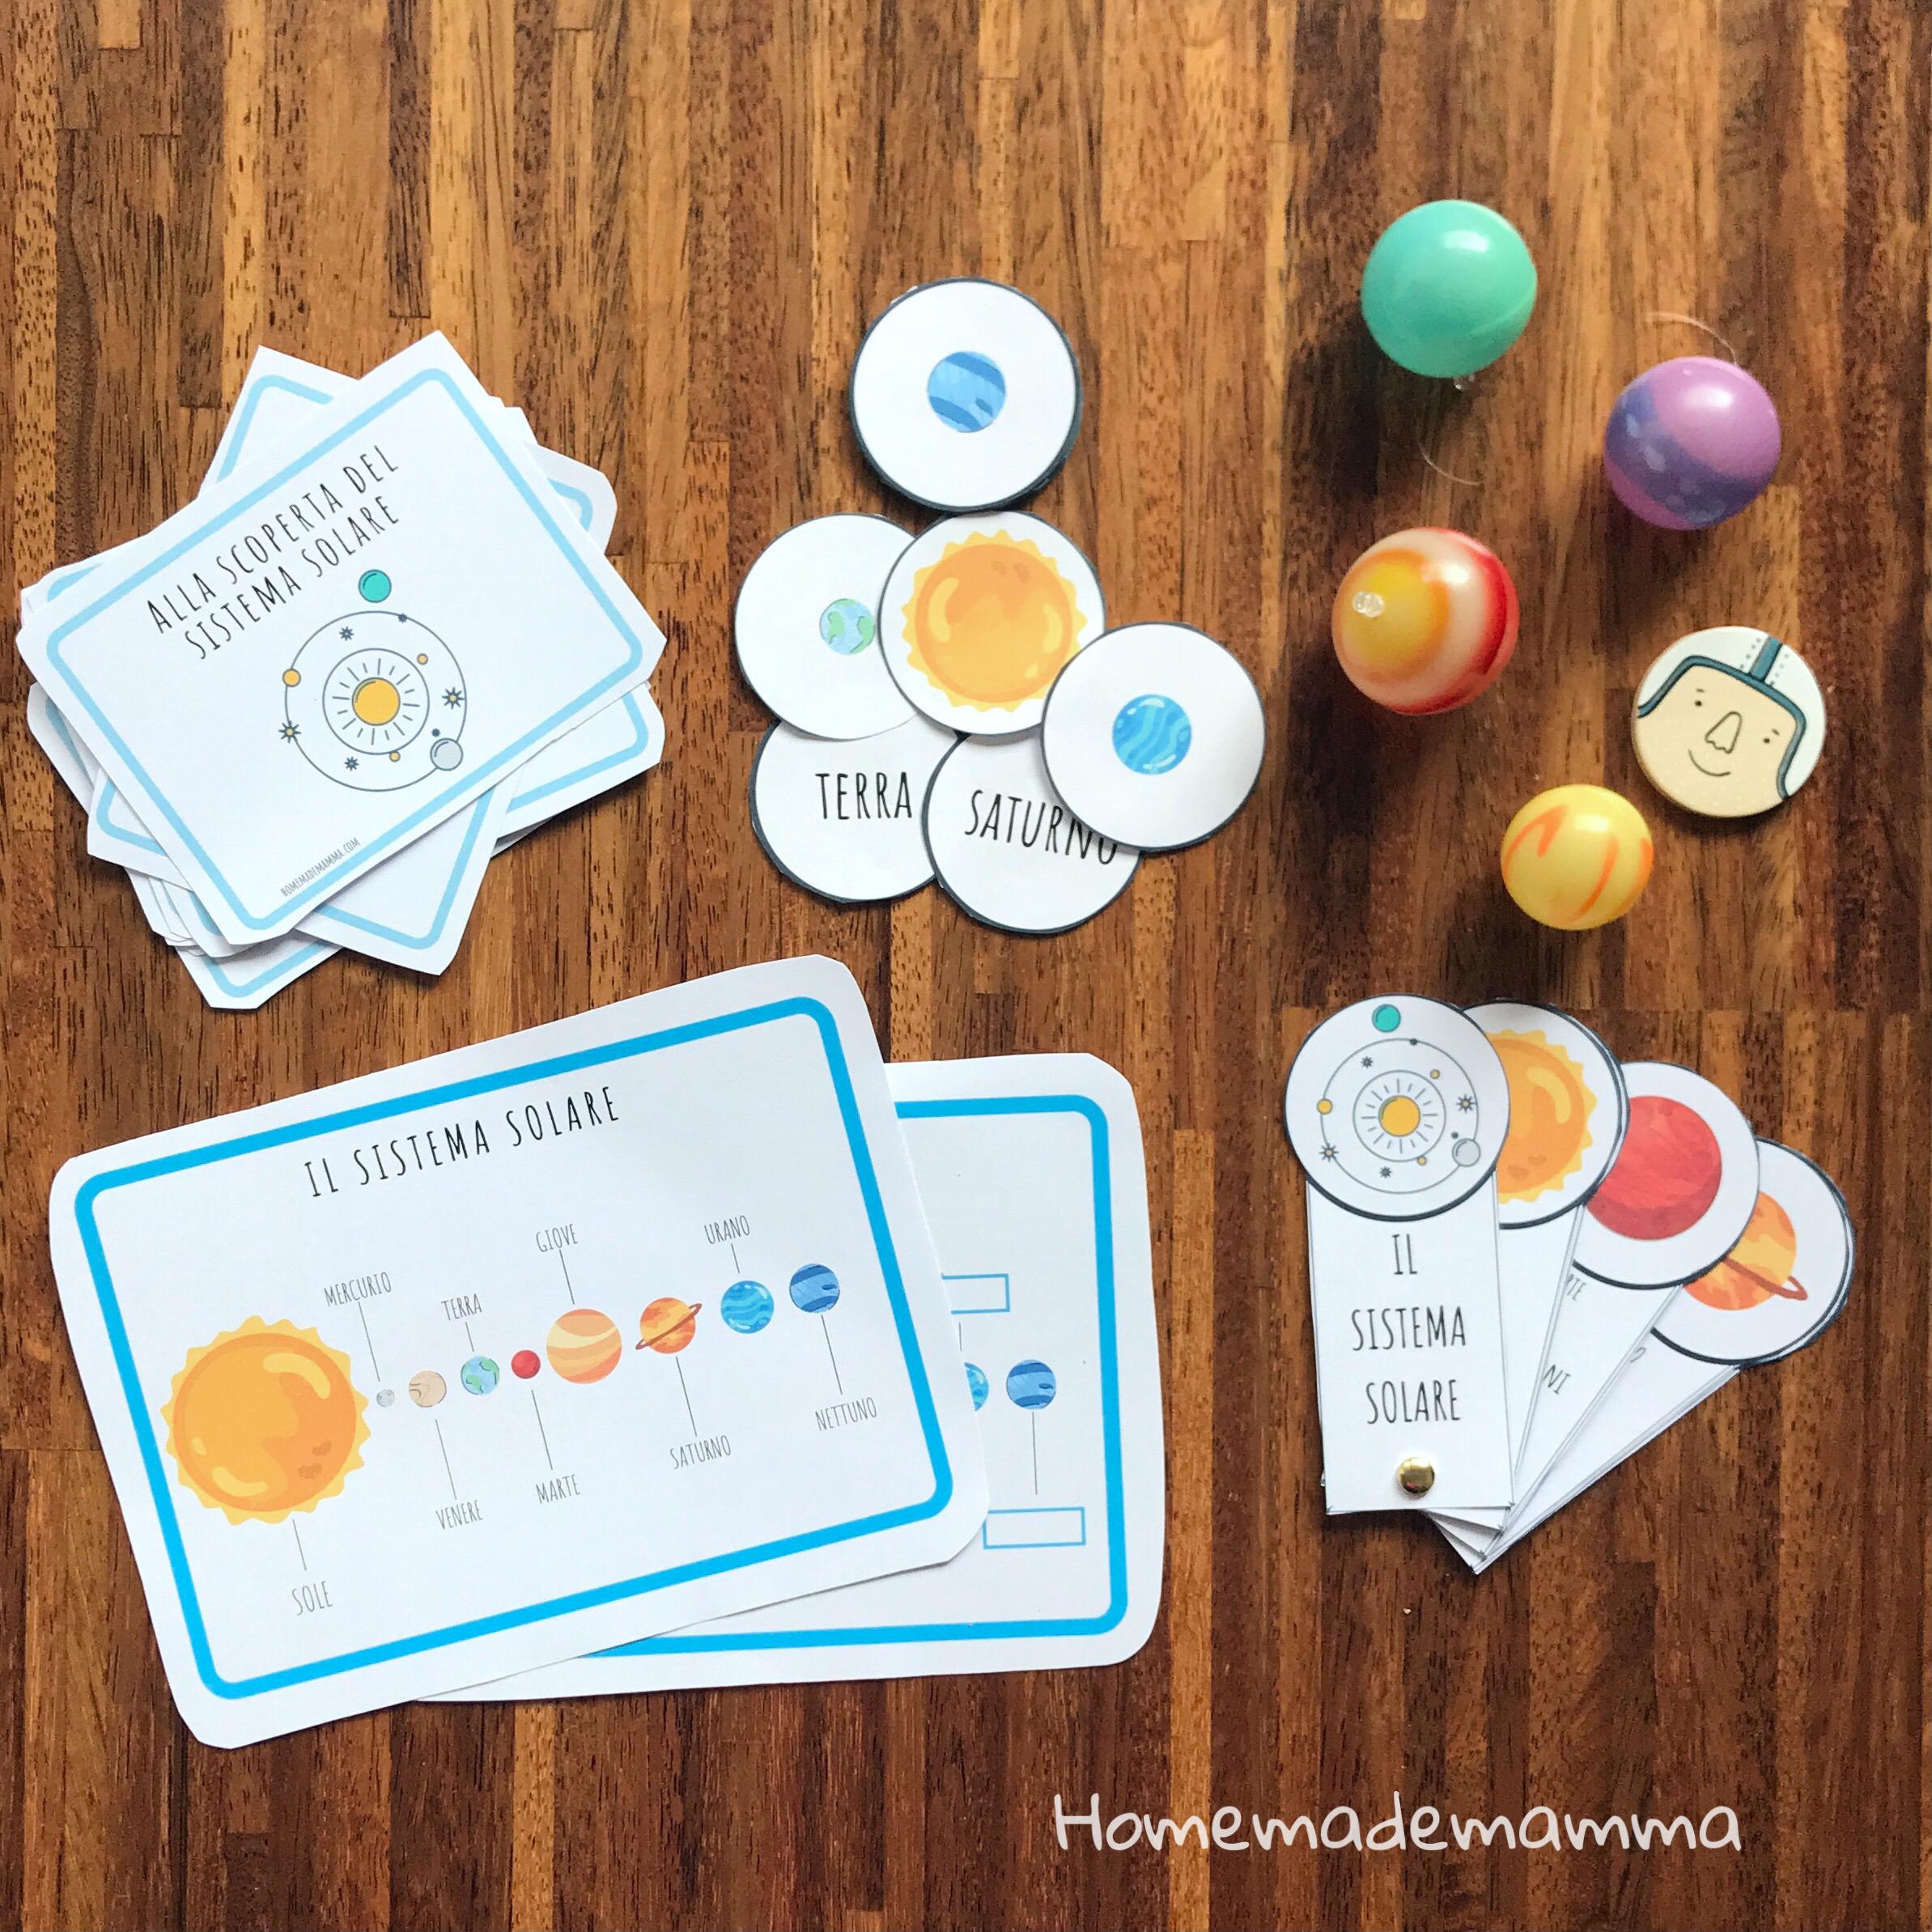 attivita stampare sul sistema solare scuola primaria